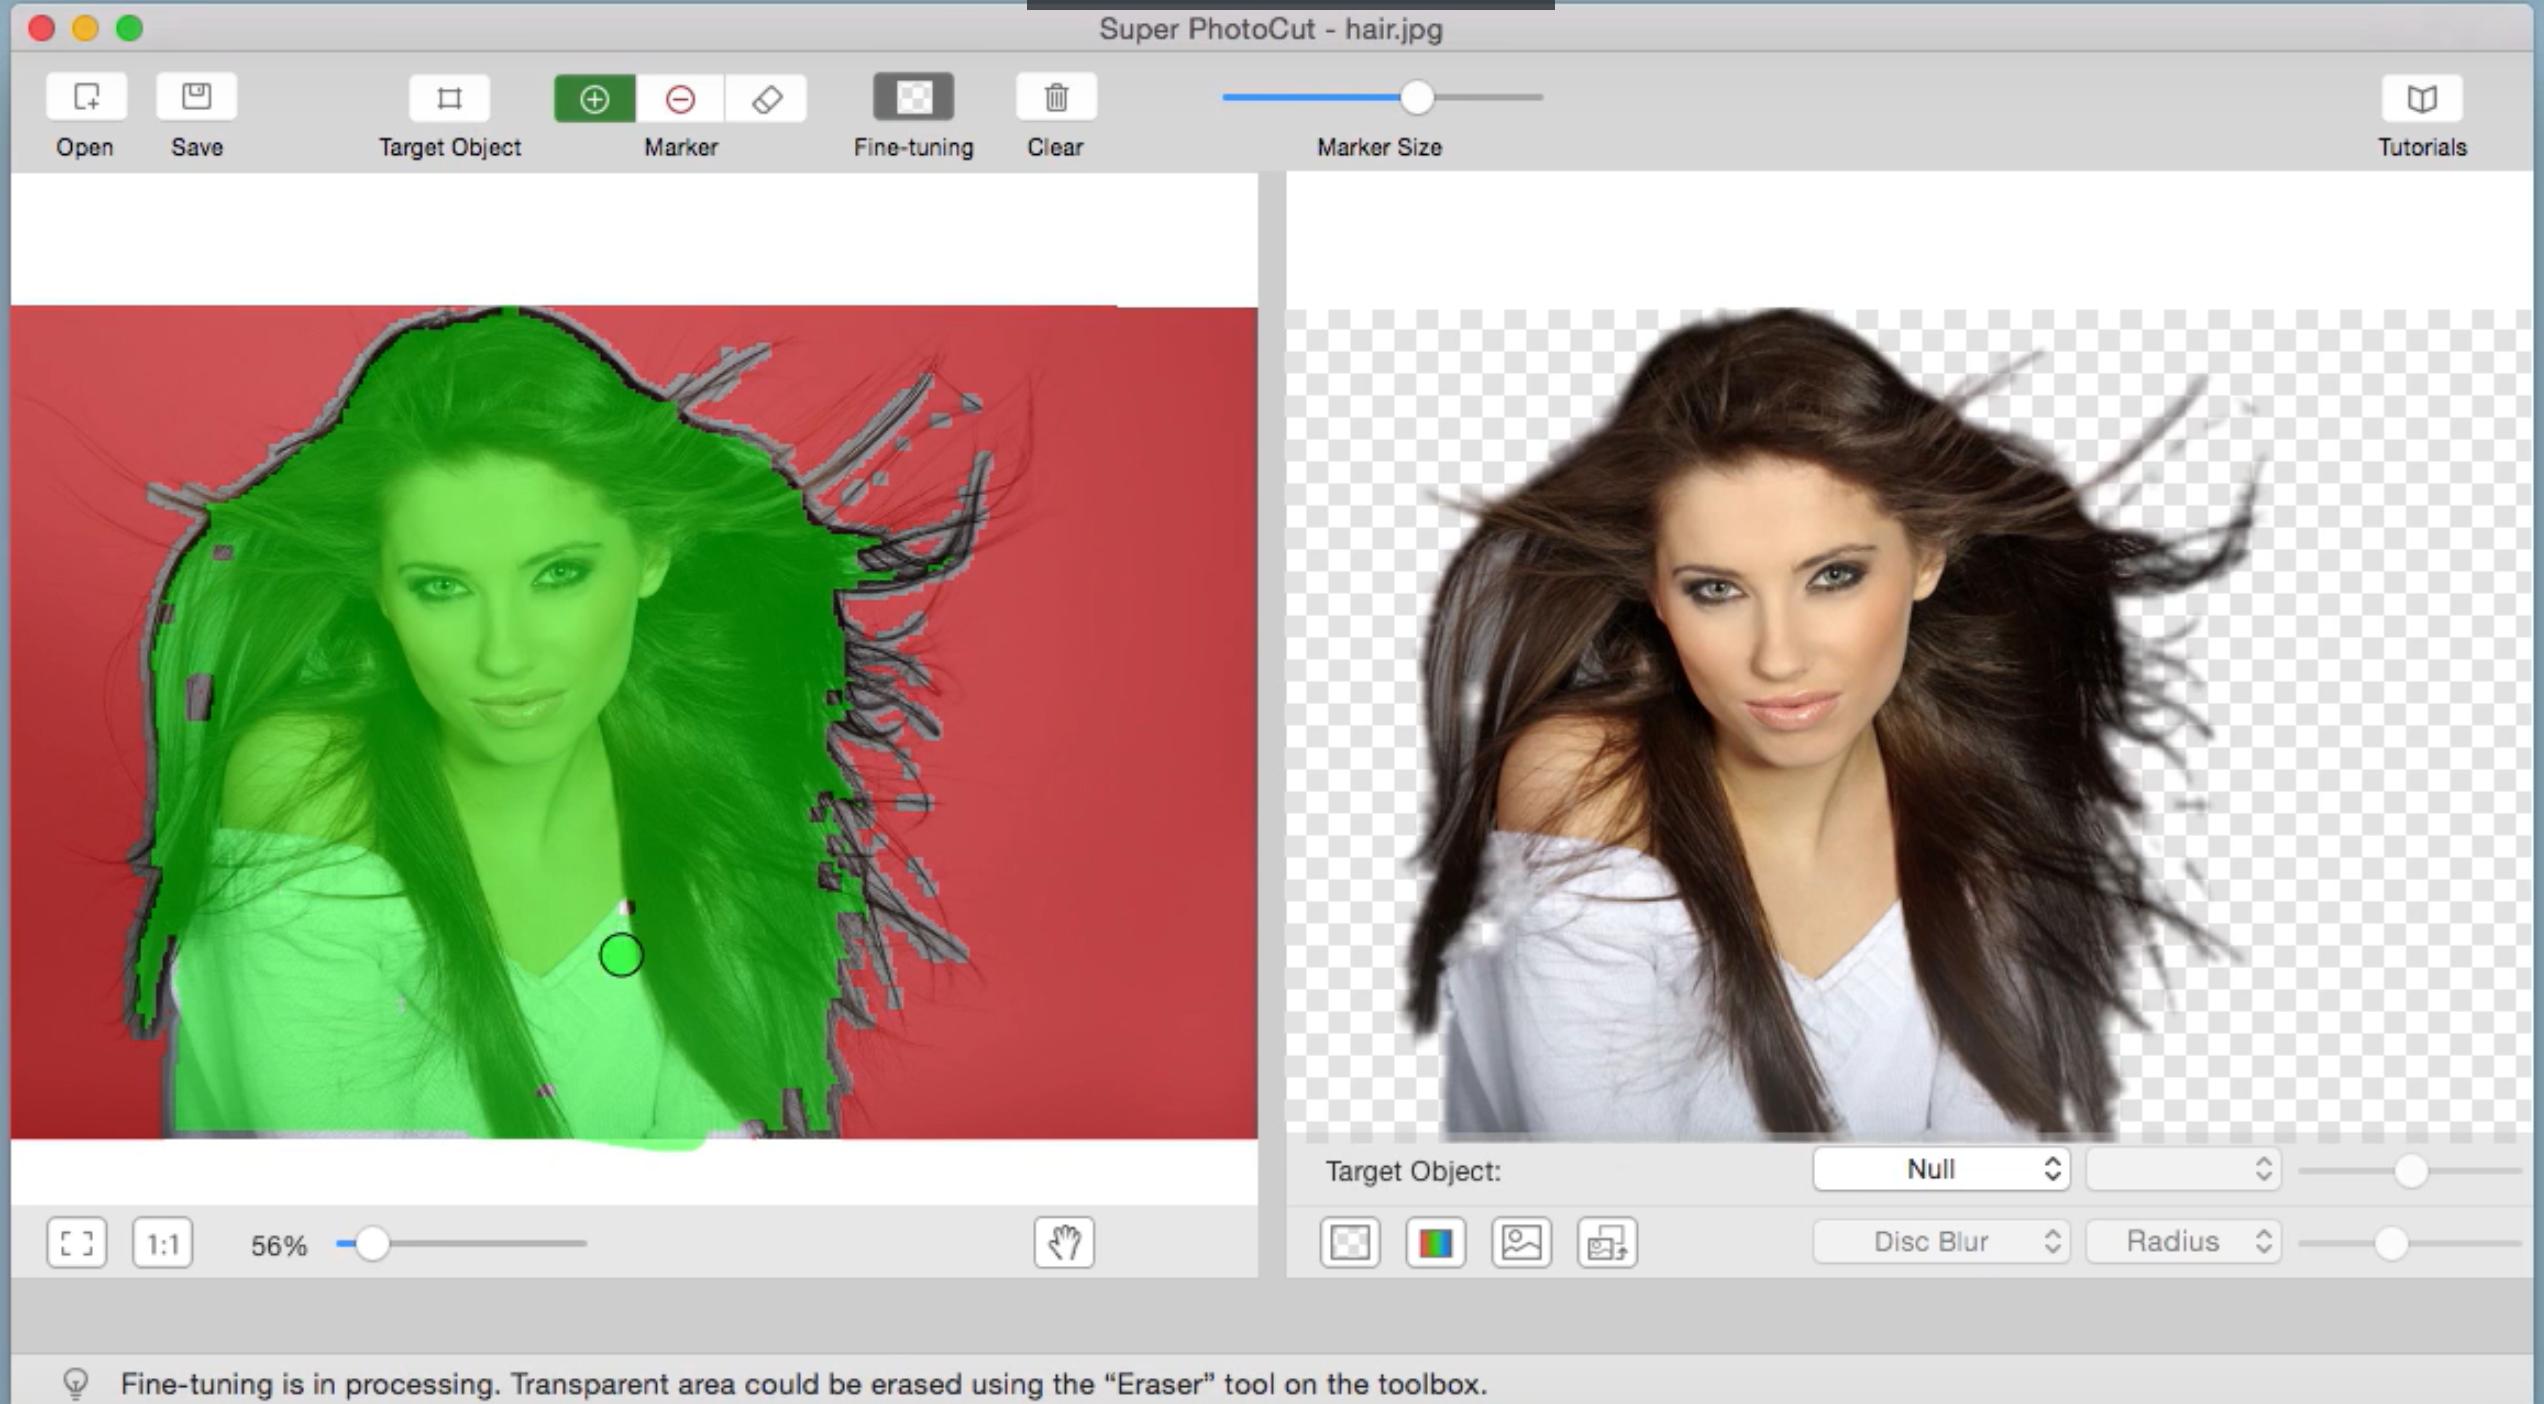 Mac超级抠图 Super PhotoCut瞬间删除图片背景,透明图完美换背景